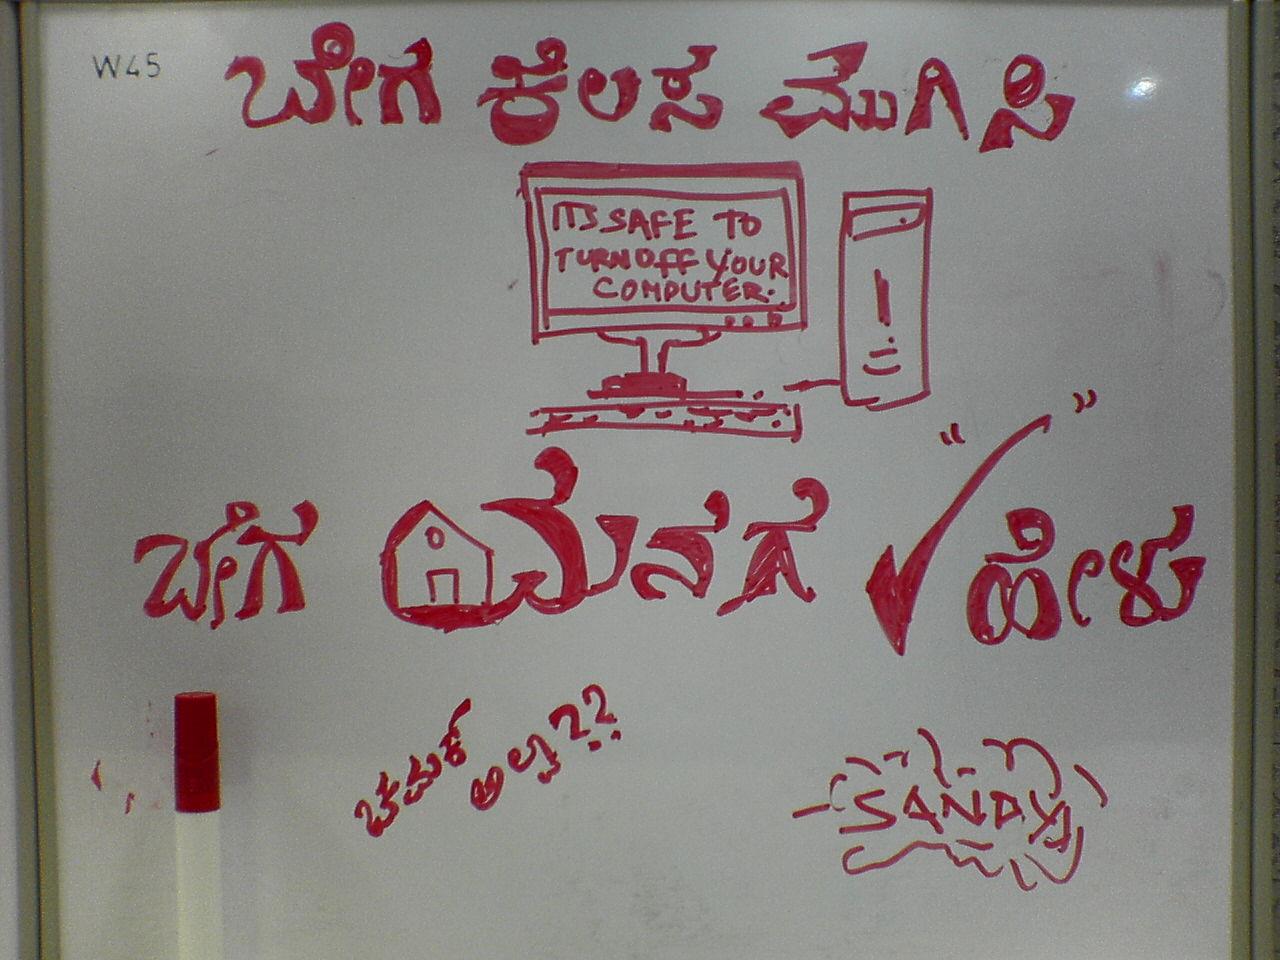 ಕನ್ನಡಿಗನ ಬ್ಲಾಗ್: 2006